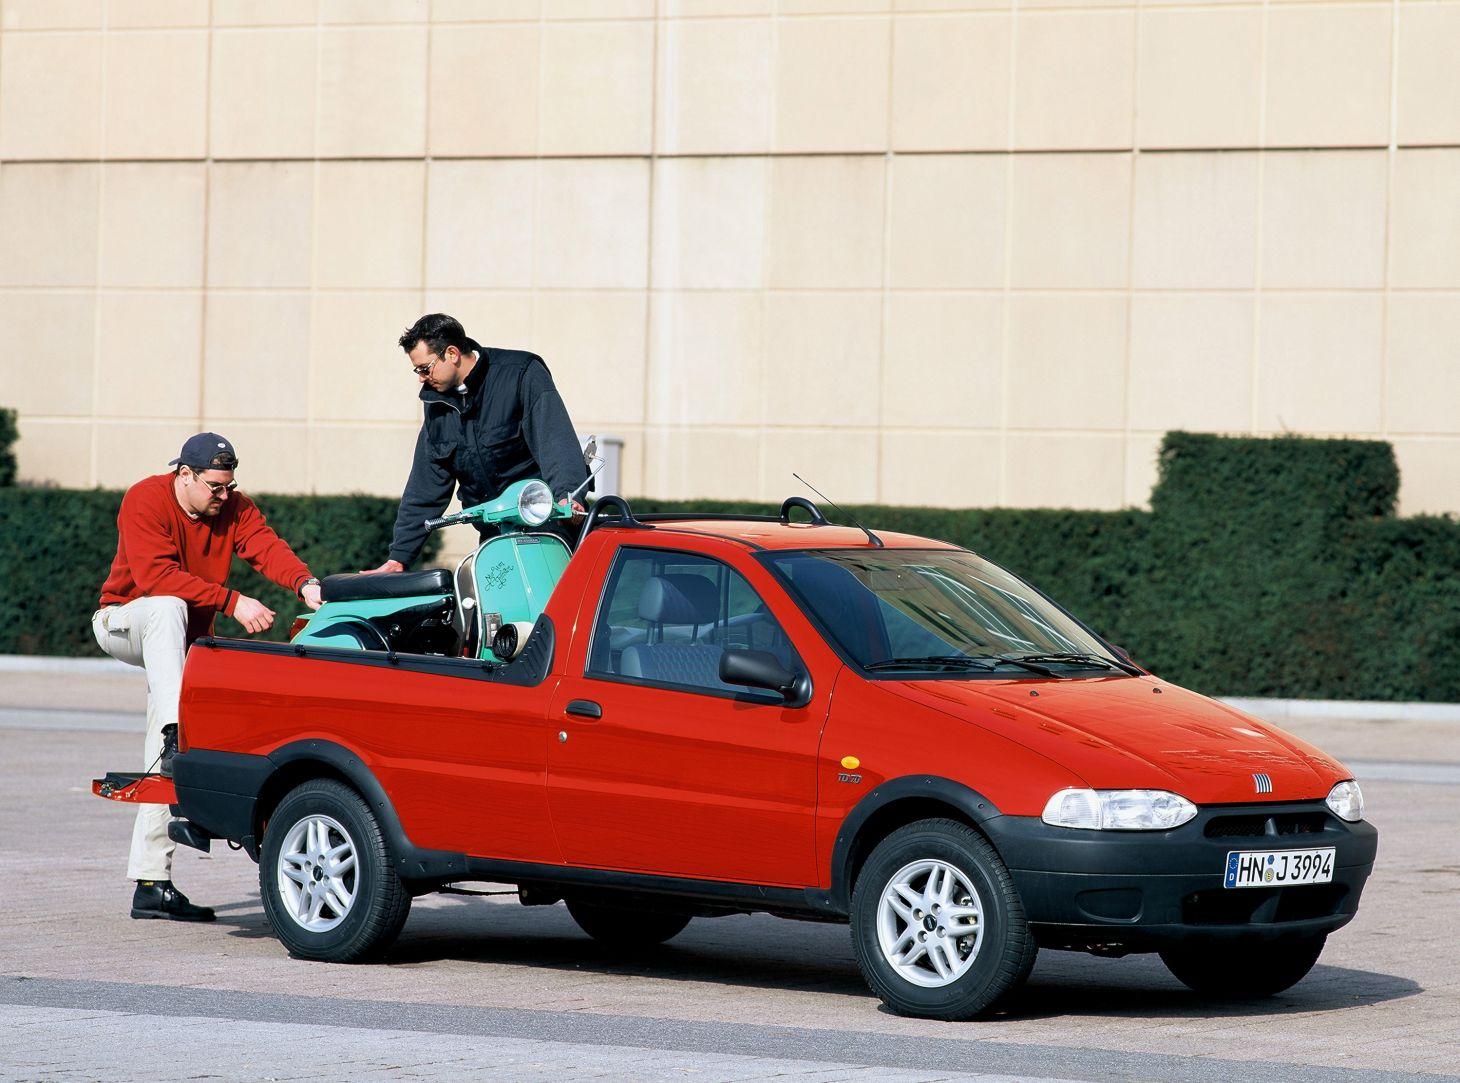 Carros nacionais exportados para países desenvolvidos: Fiat Strada